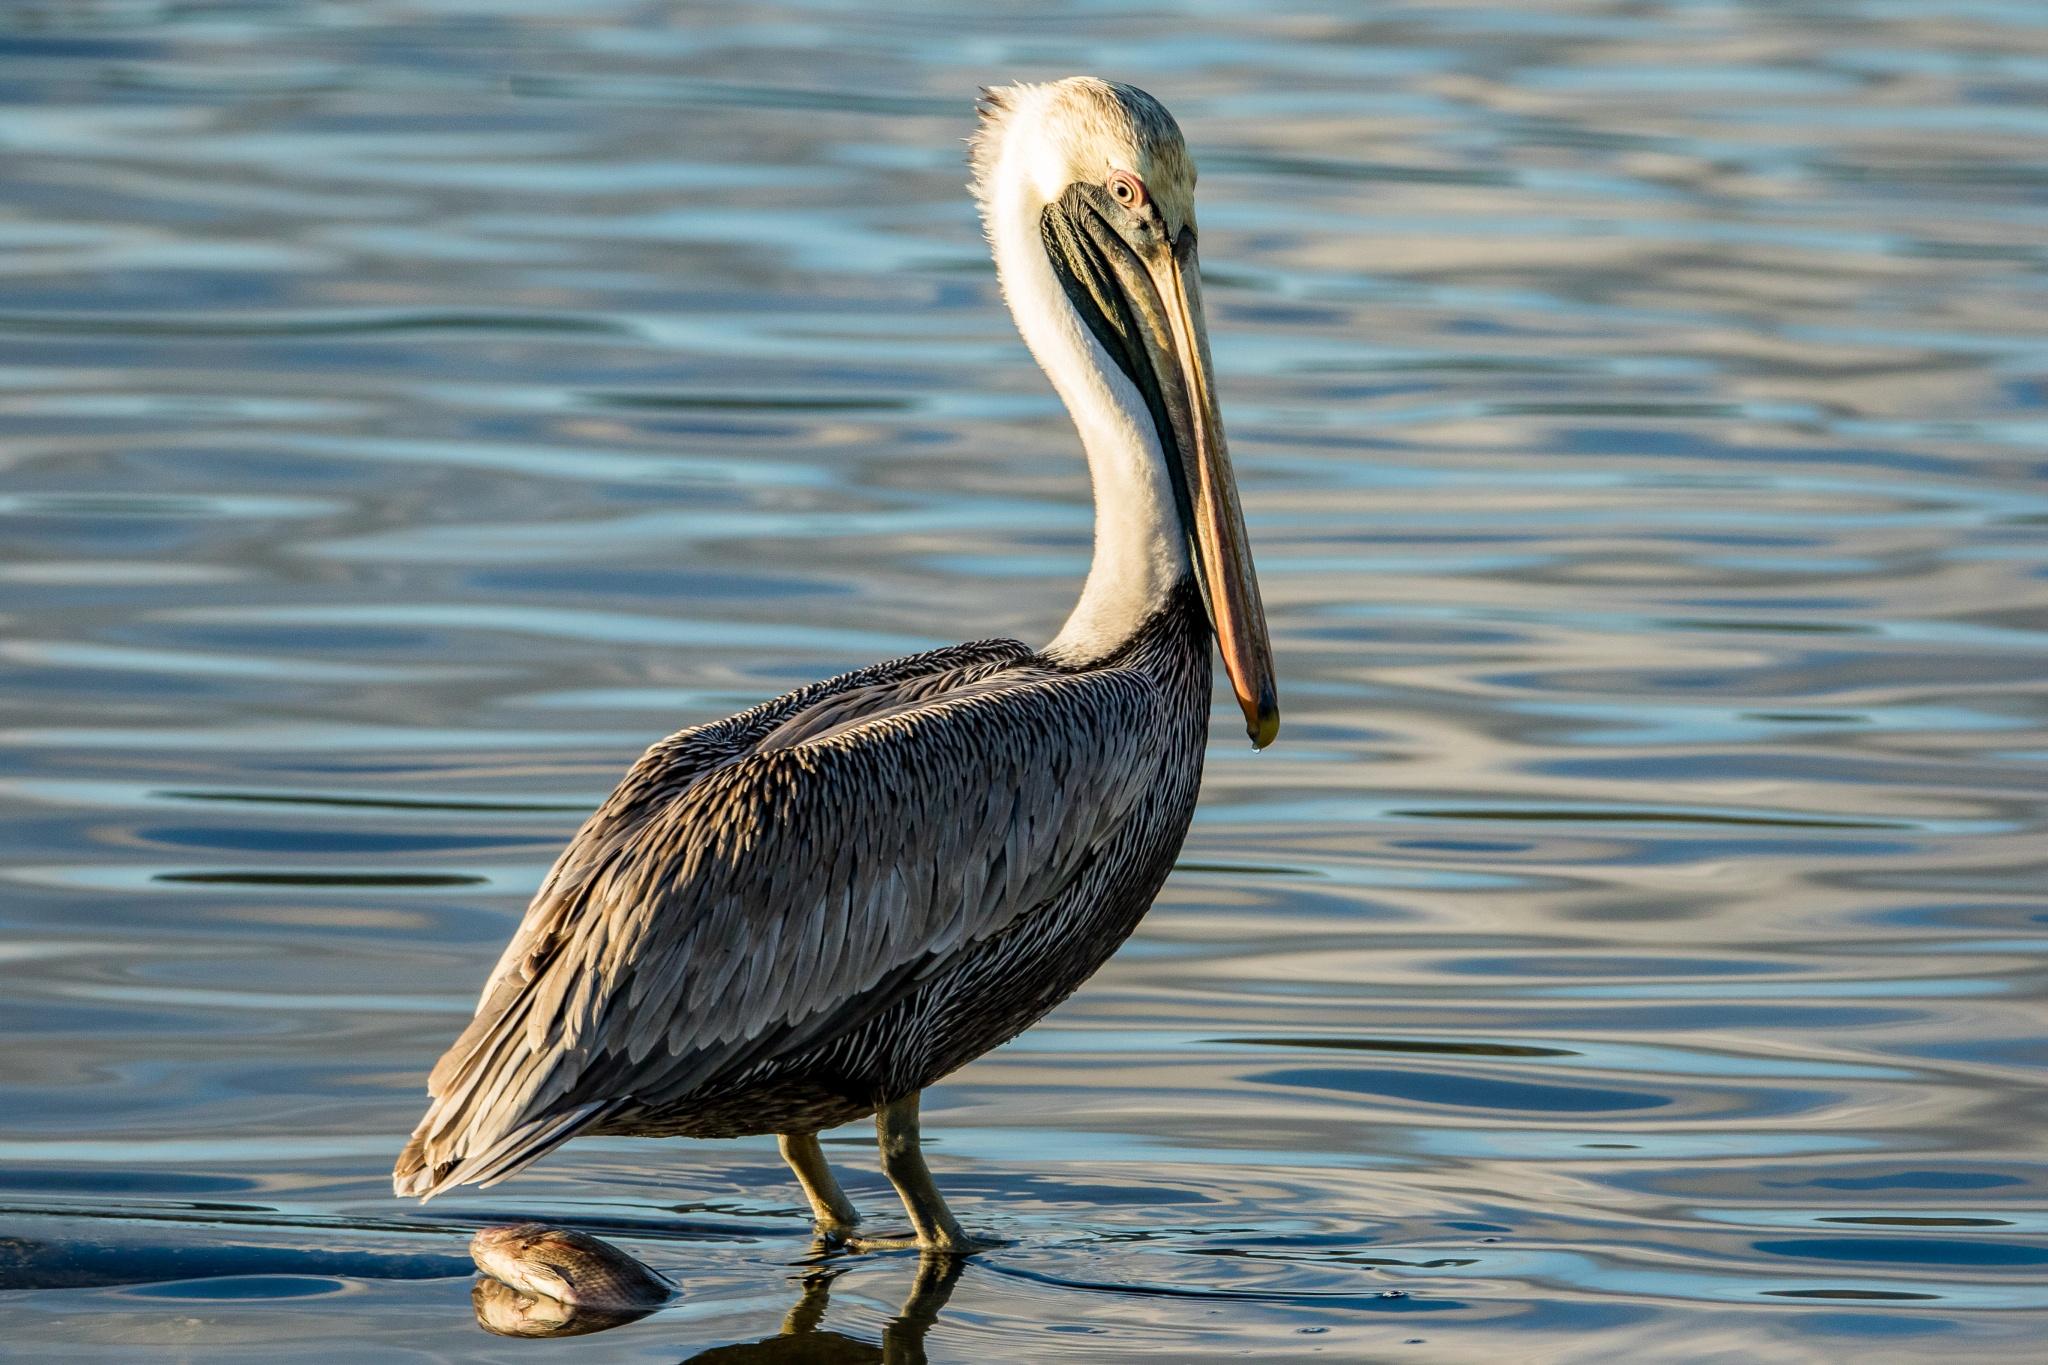 Brown Pelican by binkievanes